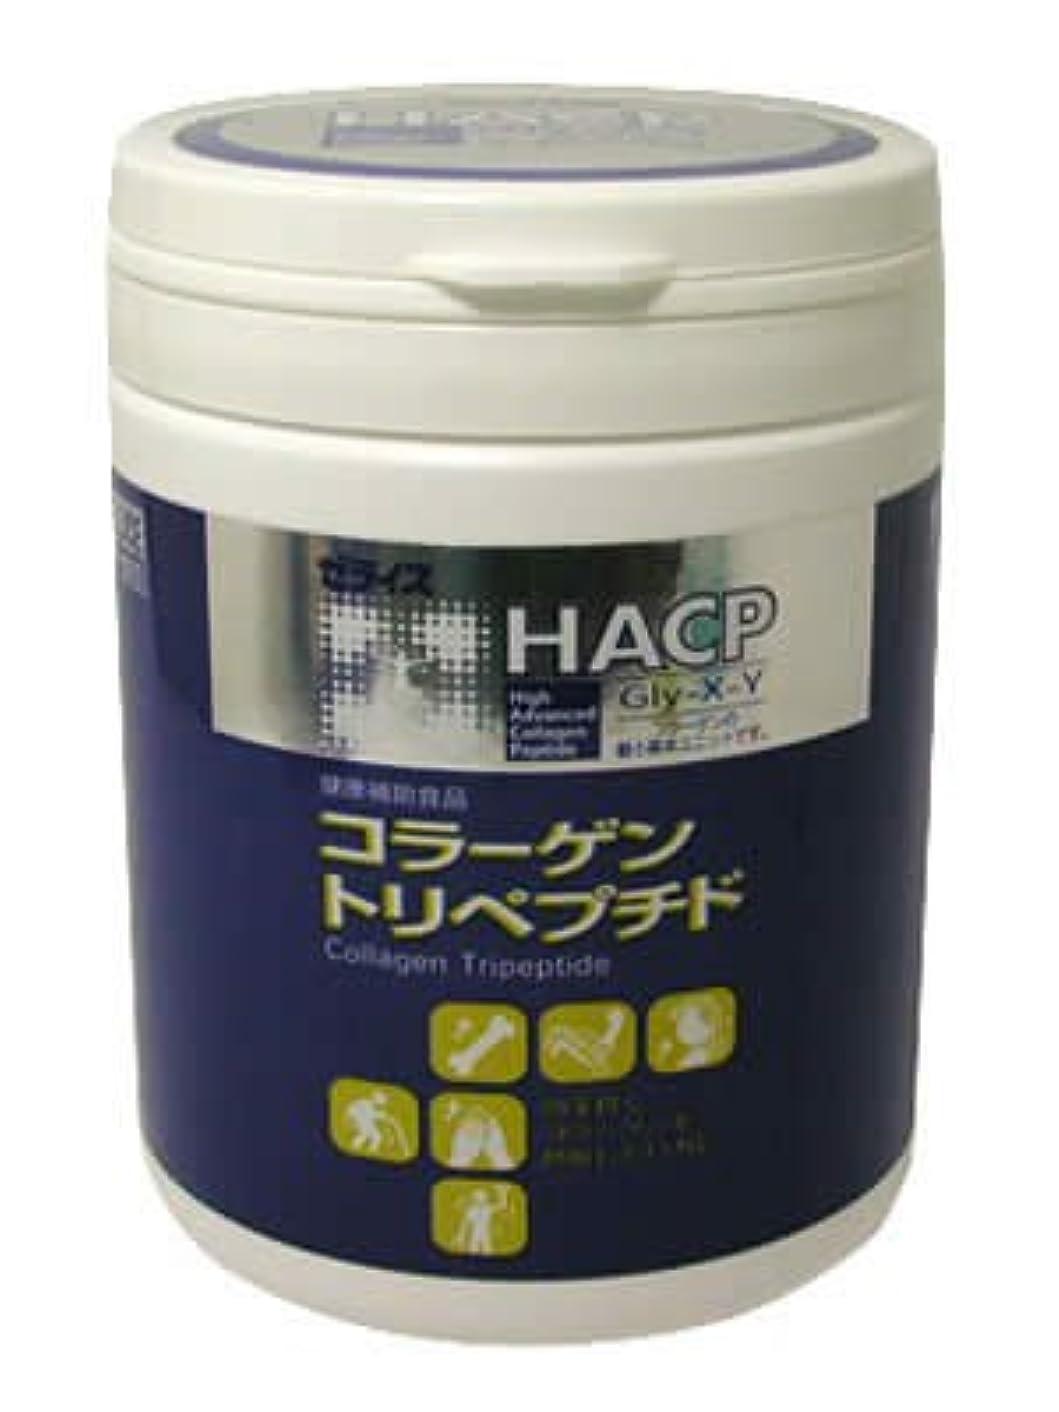 トンネルチップ前投薬HACP コラーゲントリペプチド 200g